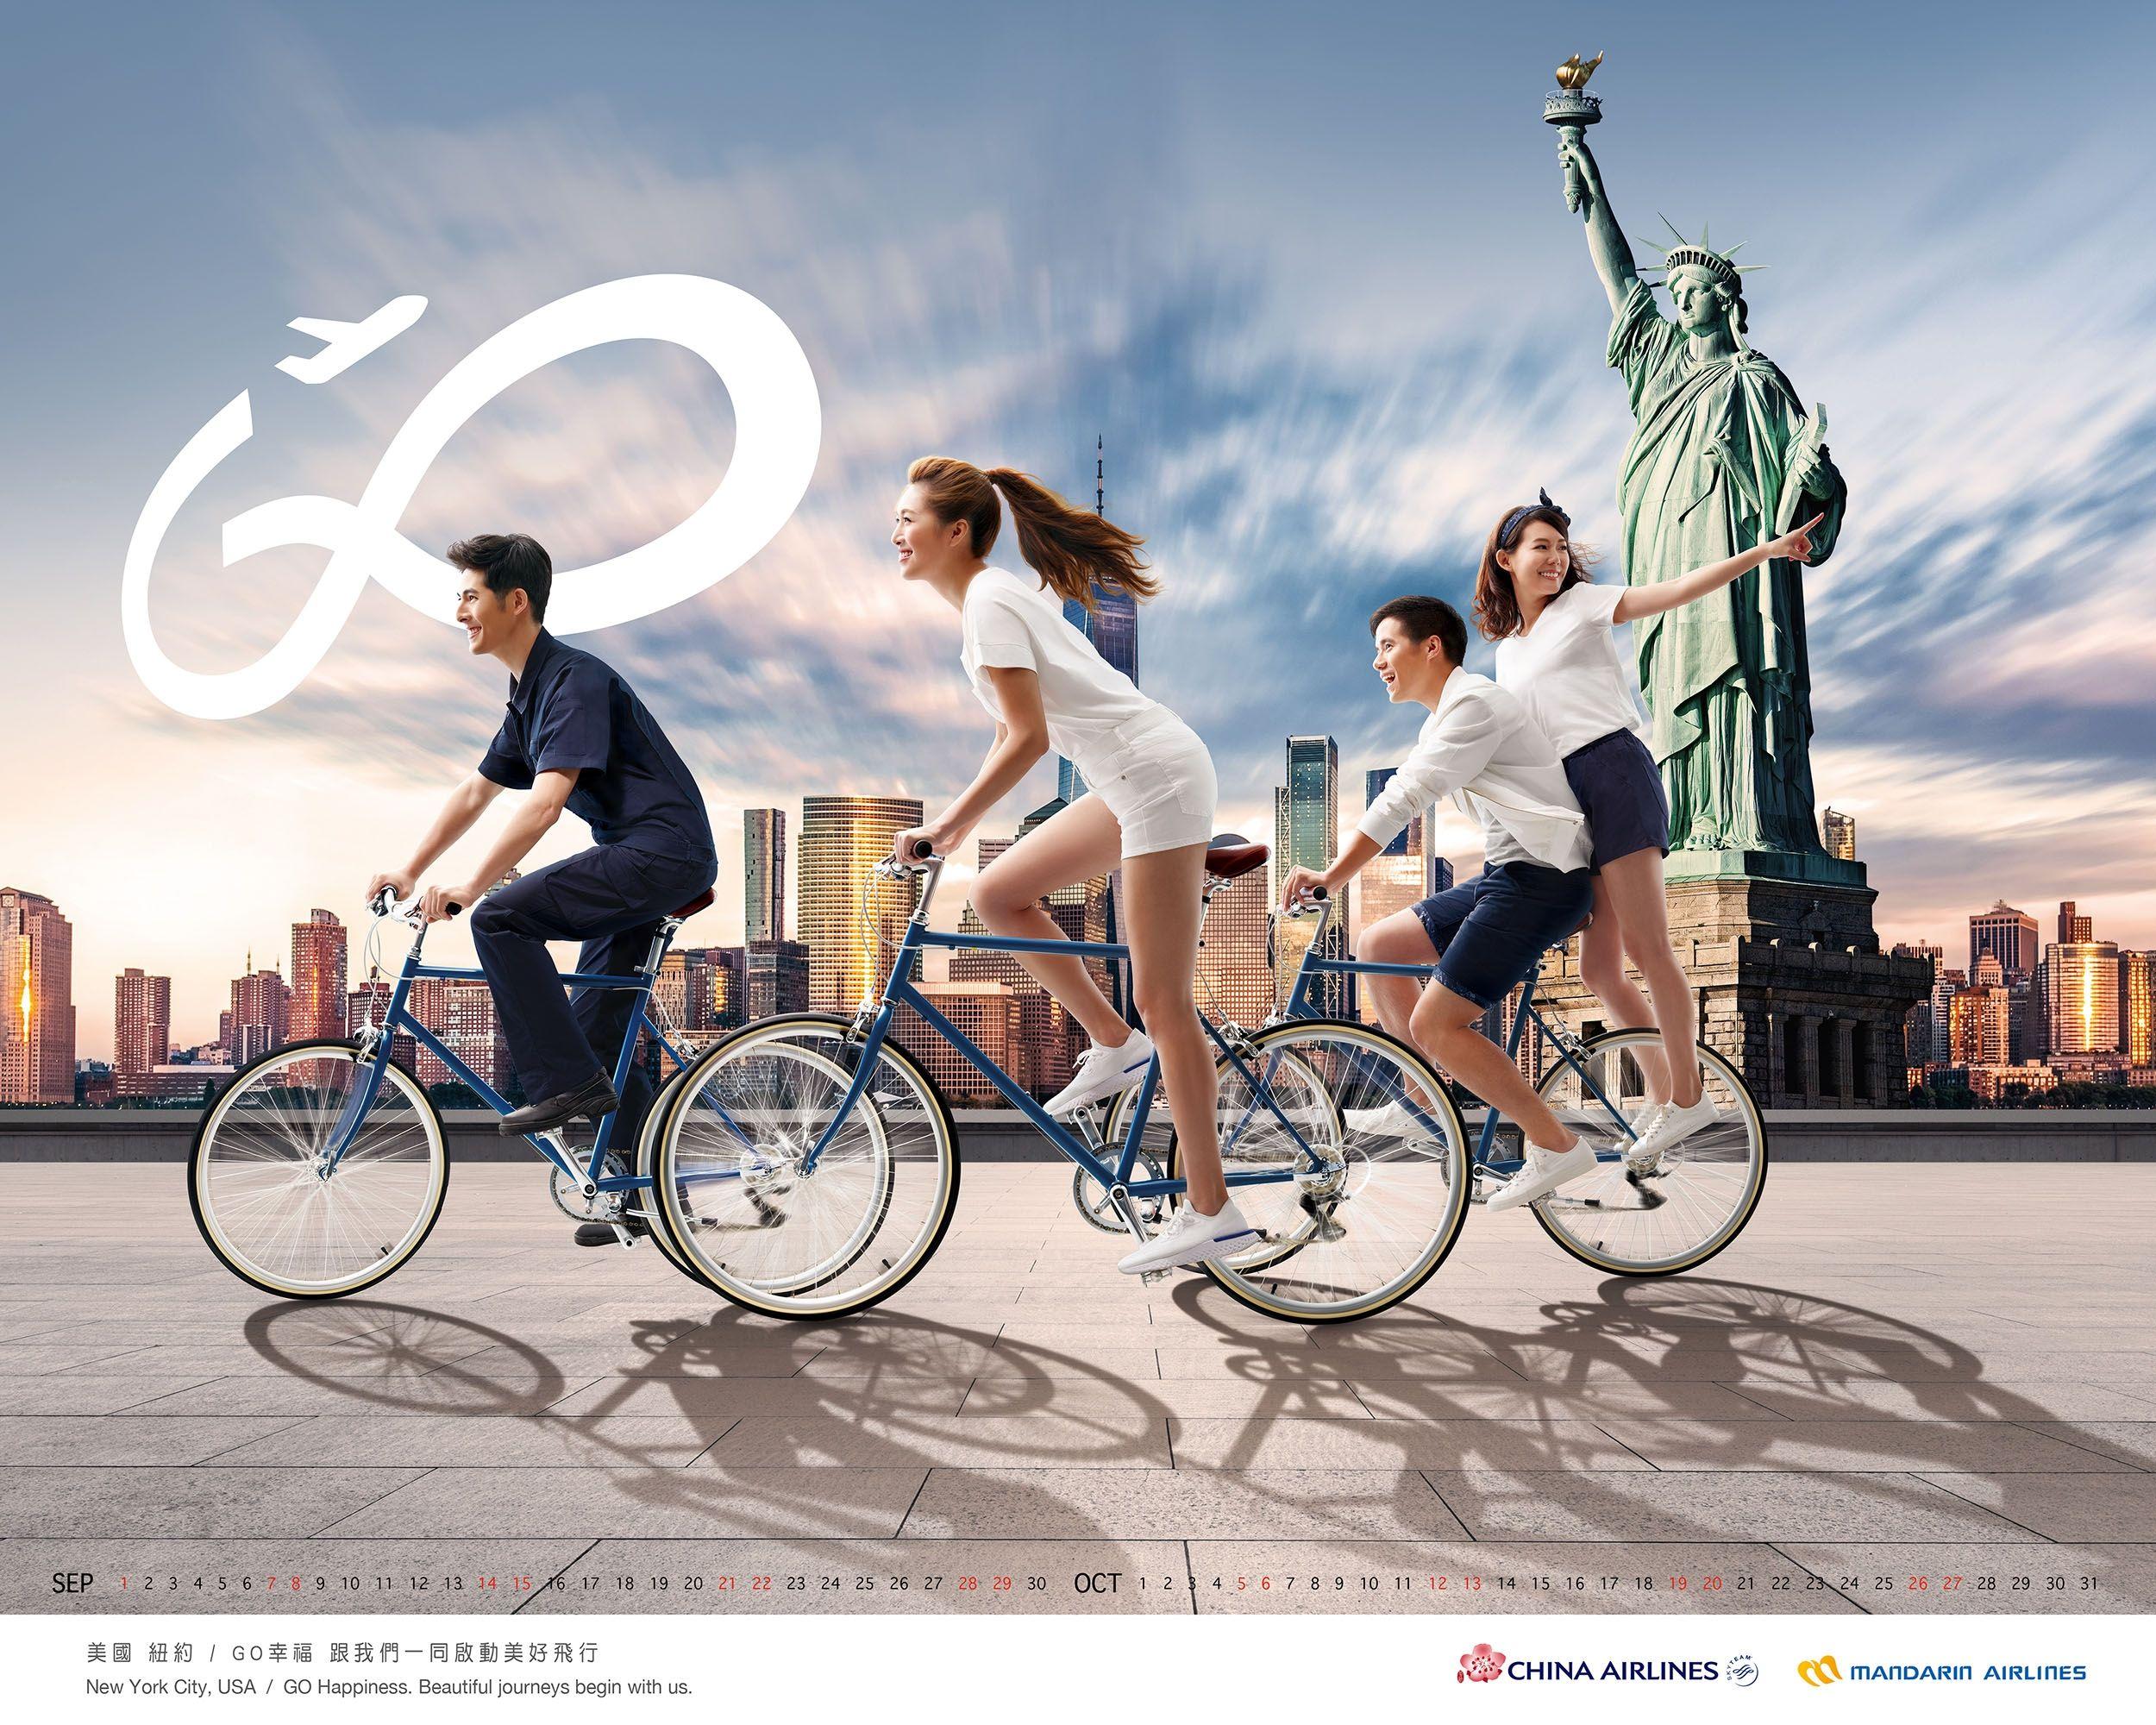 中华航空今年迎接60周年,将陆续推出系列新产品及活动。第一波主打长程航线豪华商务舱及豪华经济舱全新机上盥洗包,首度与户外运动品牌The